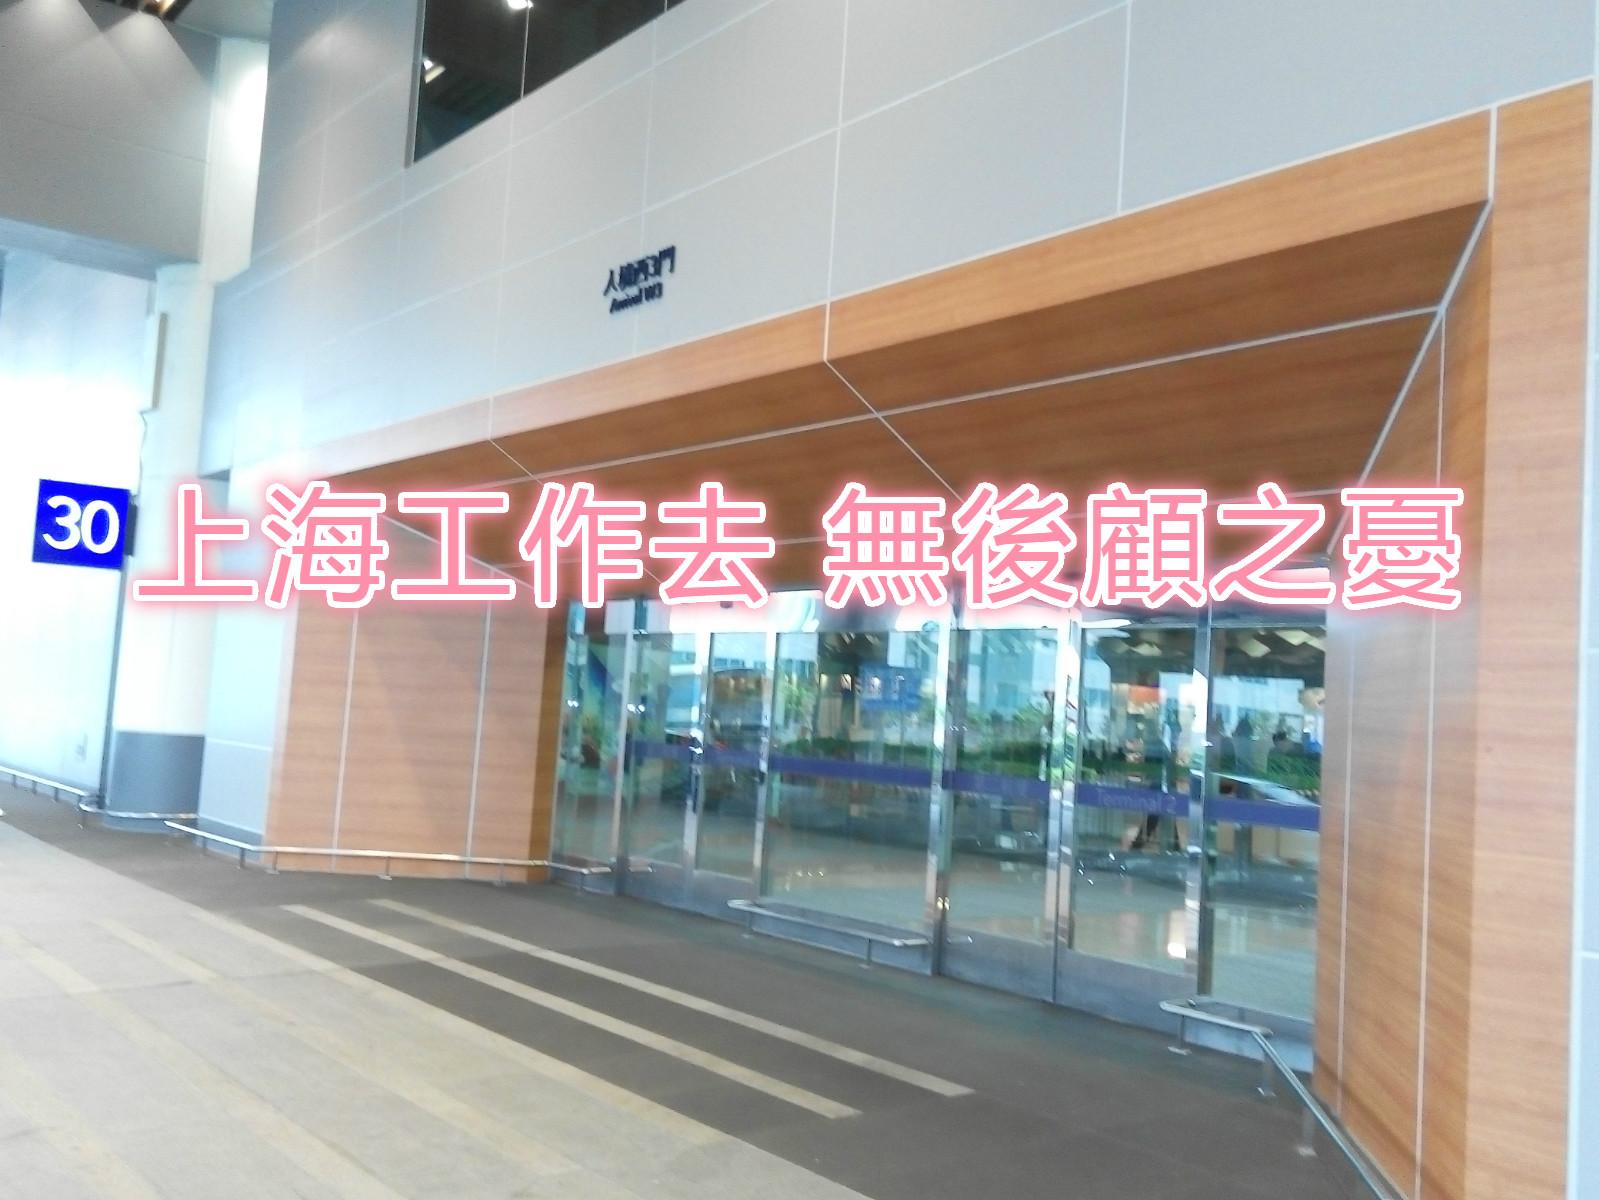 產經新聞-新鮮人西進上海工作!應屆畢業可 公司培訓供宿舍